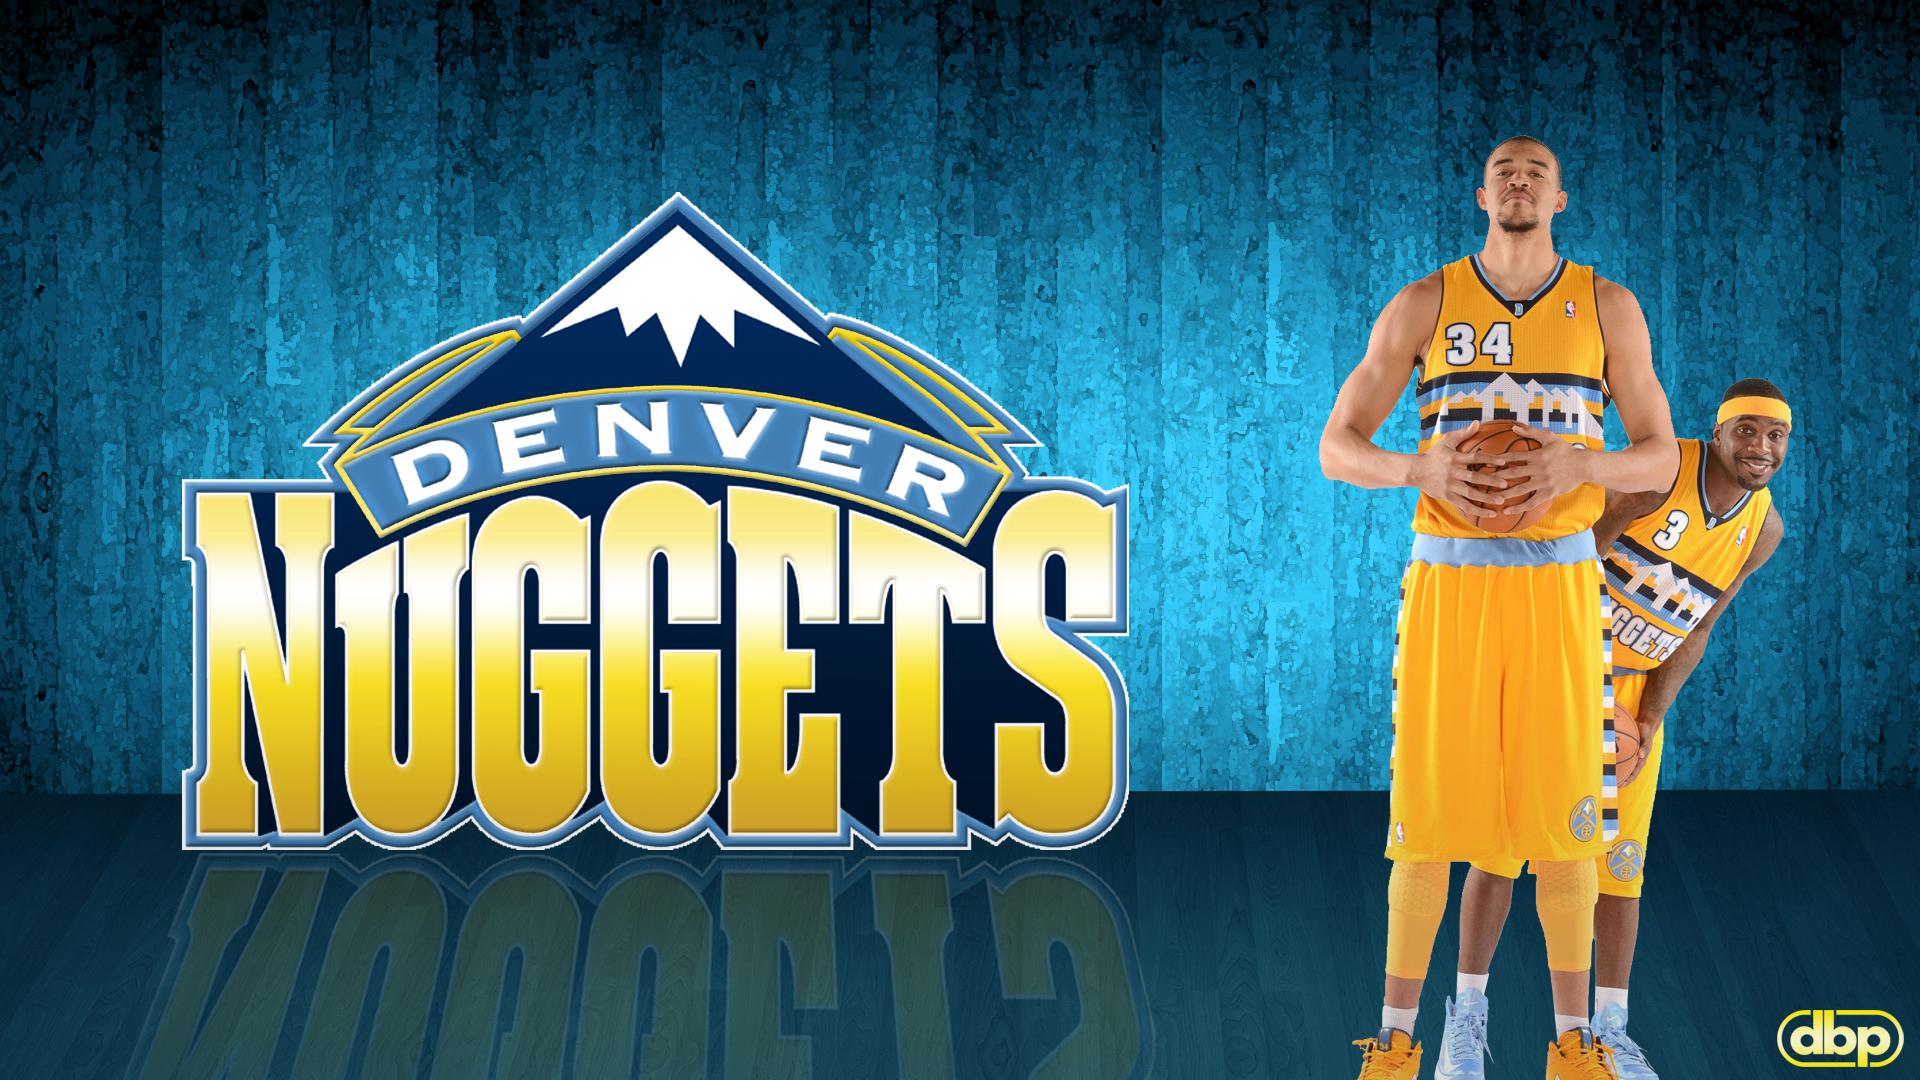 Denver Nuggets by danielboveportillo